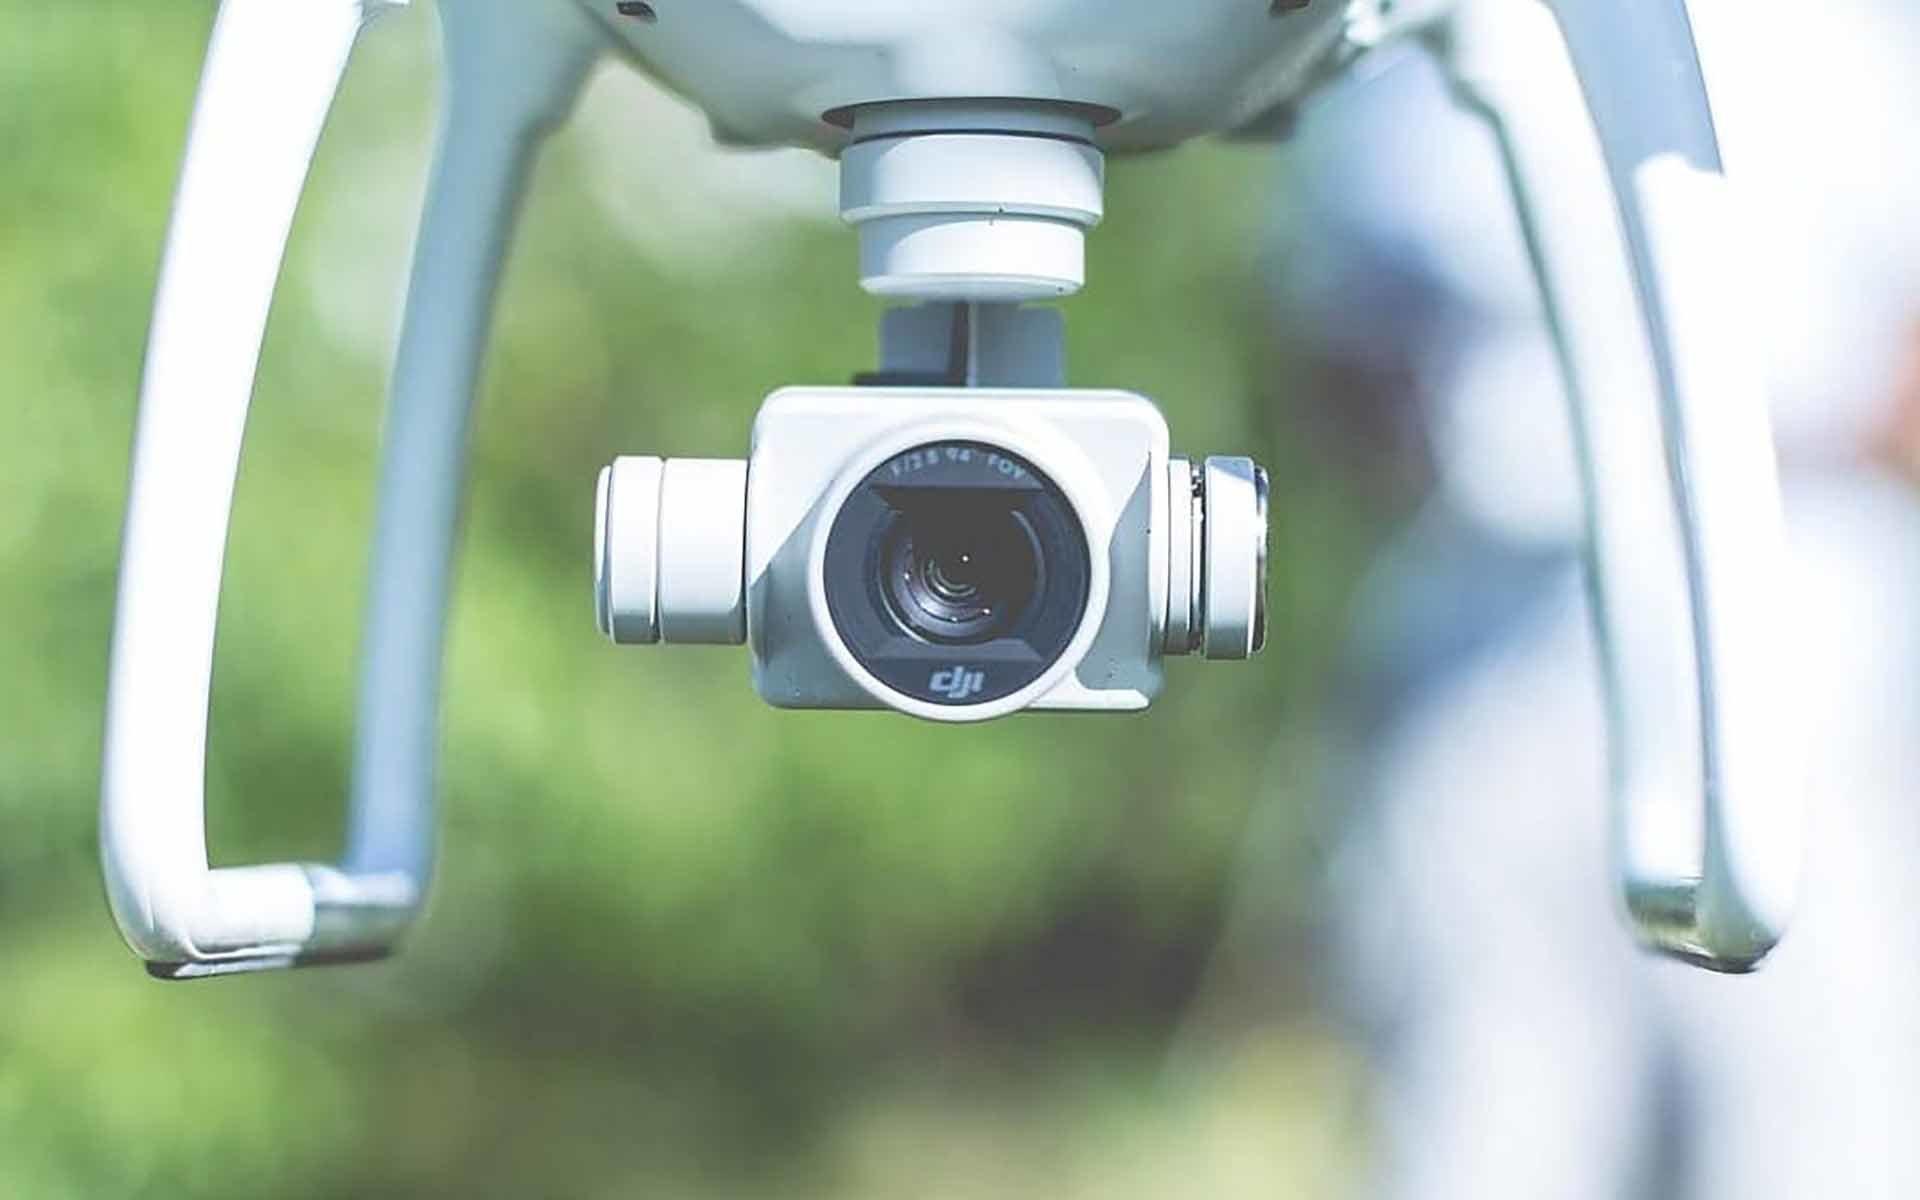 2 selfie drones